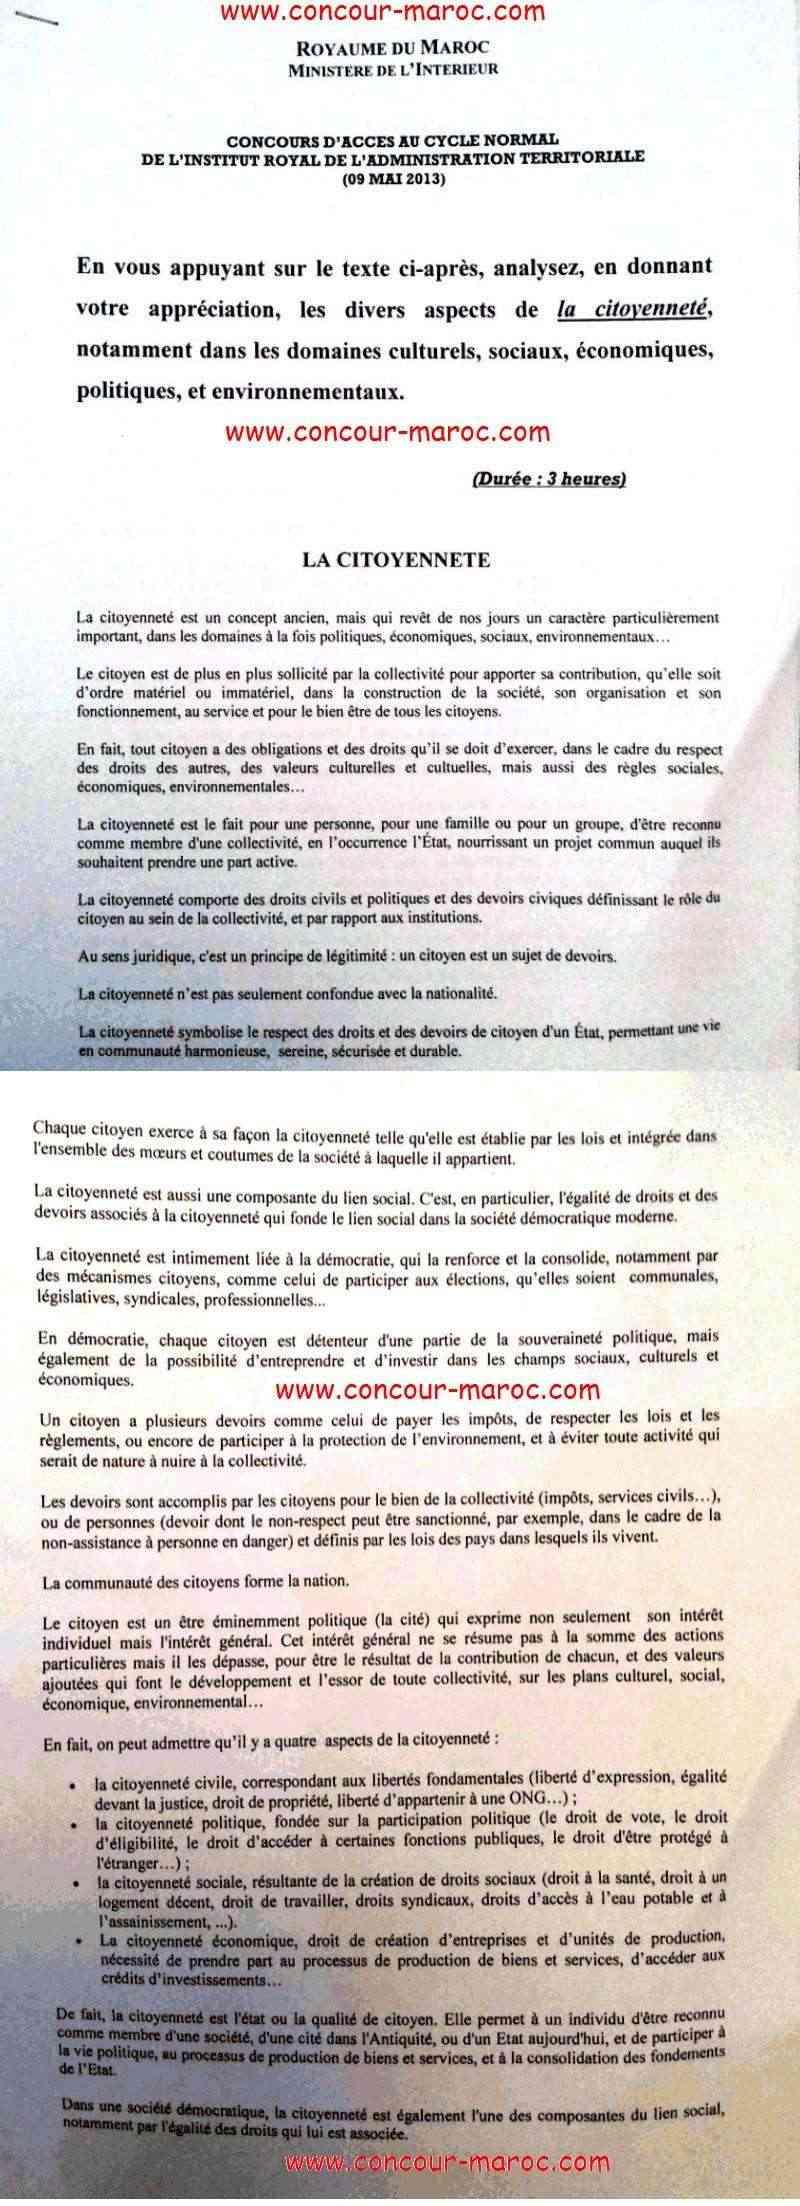 نماذج إختبار كتابي باللغة العربية و الفرنسية لمباراة ولوج السلك العادي للمعهد الملكي للإدارة الترابية دورة 09 ماي 2013 Concou58